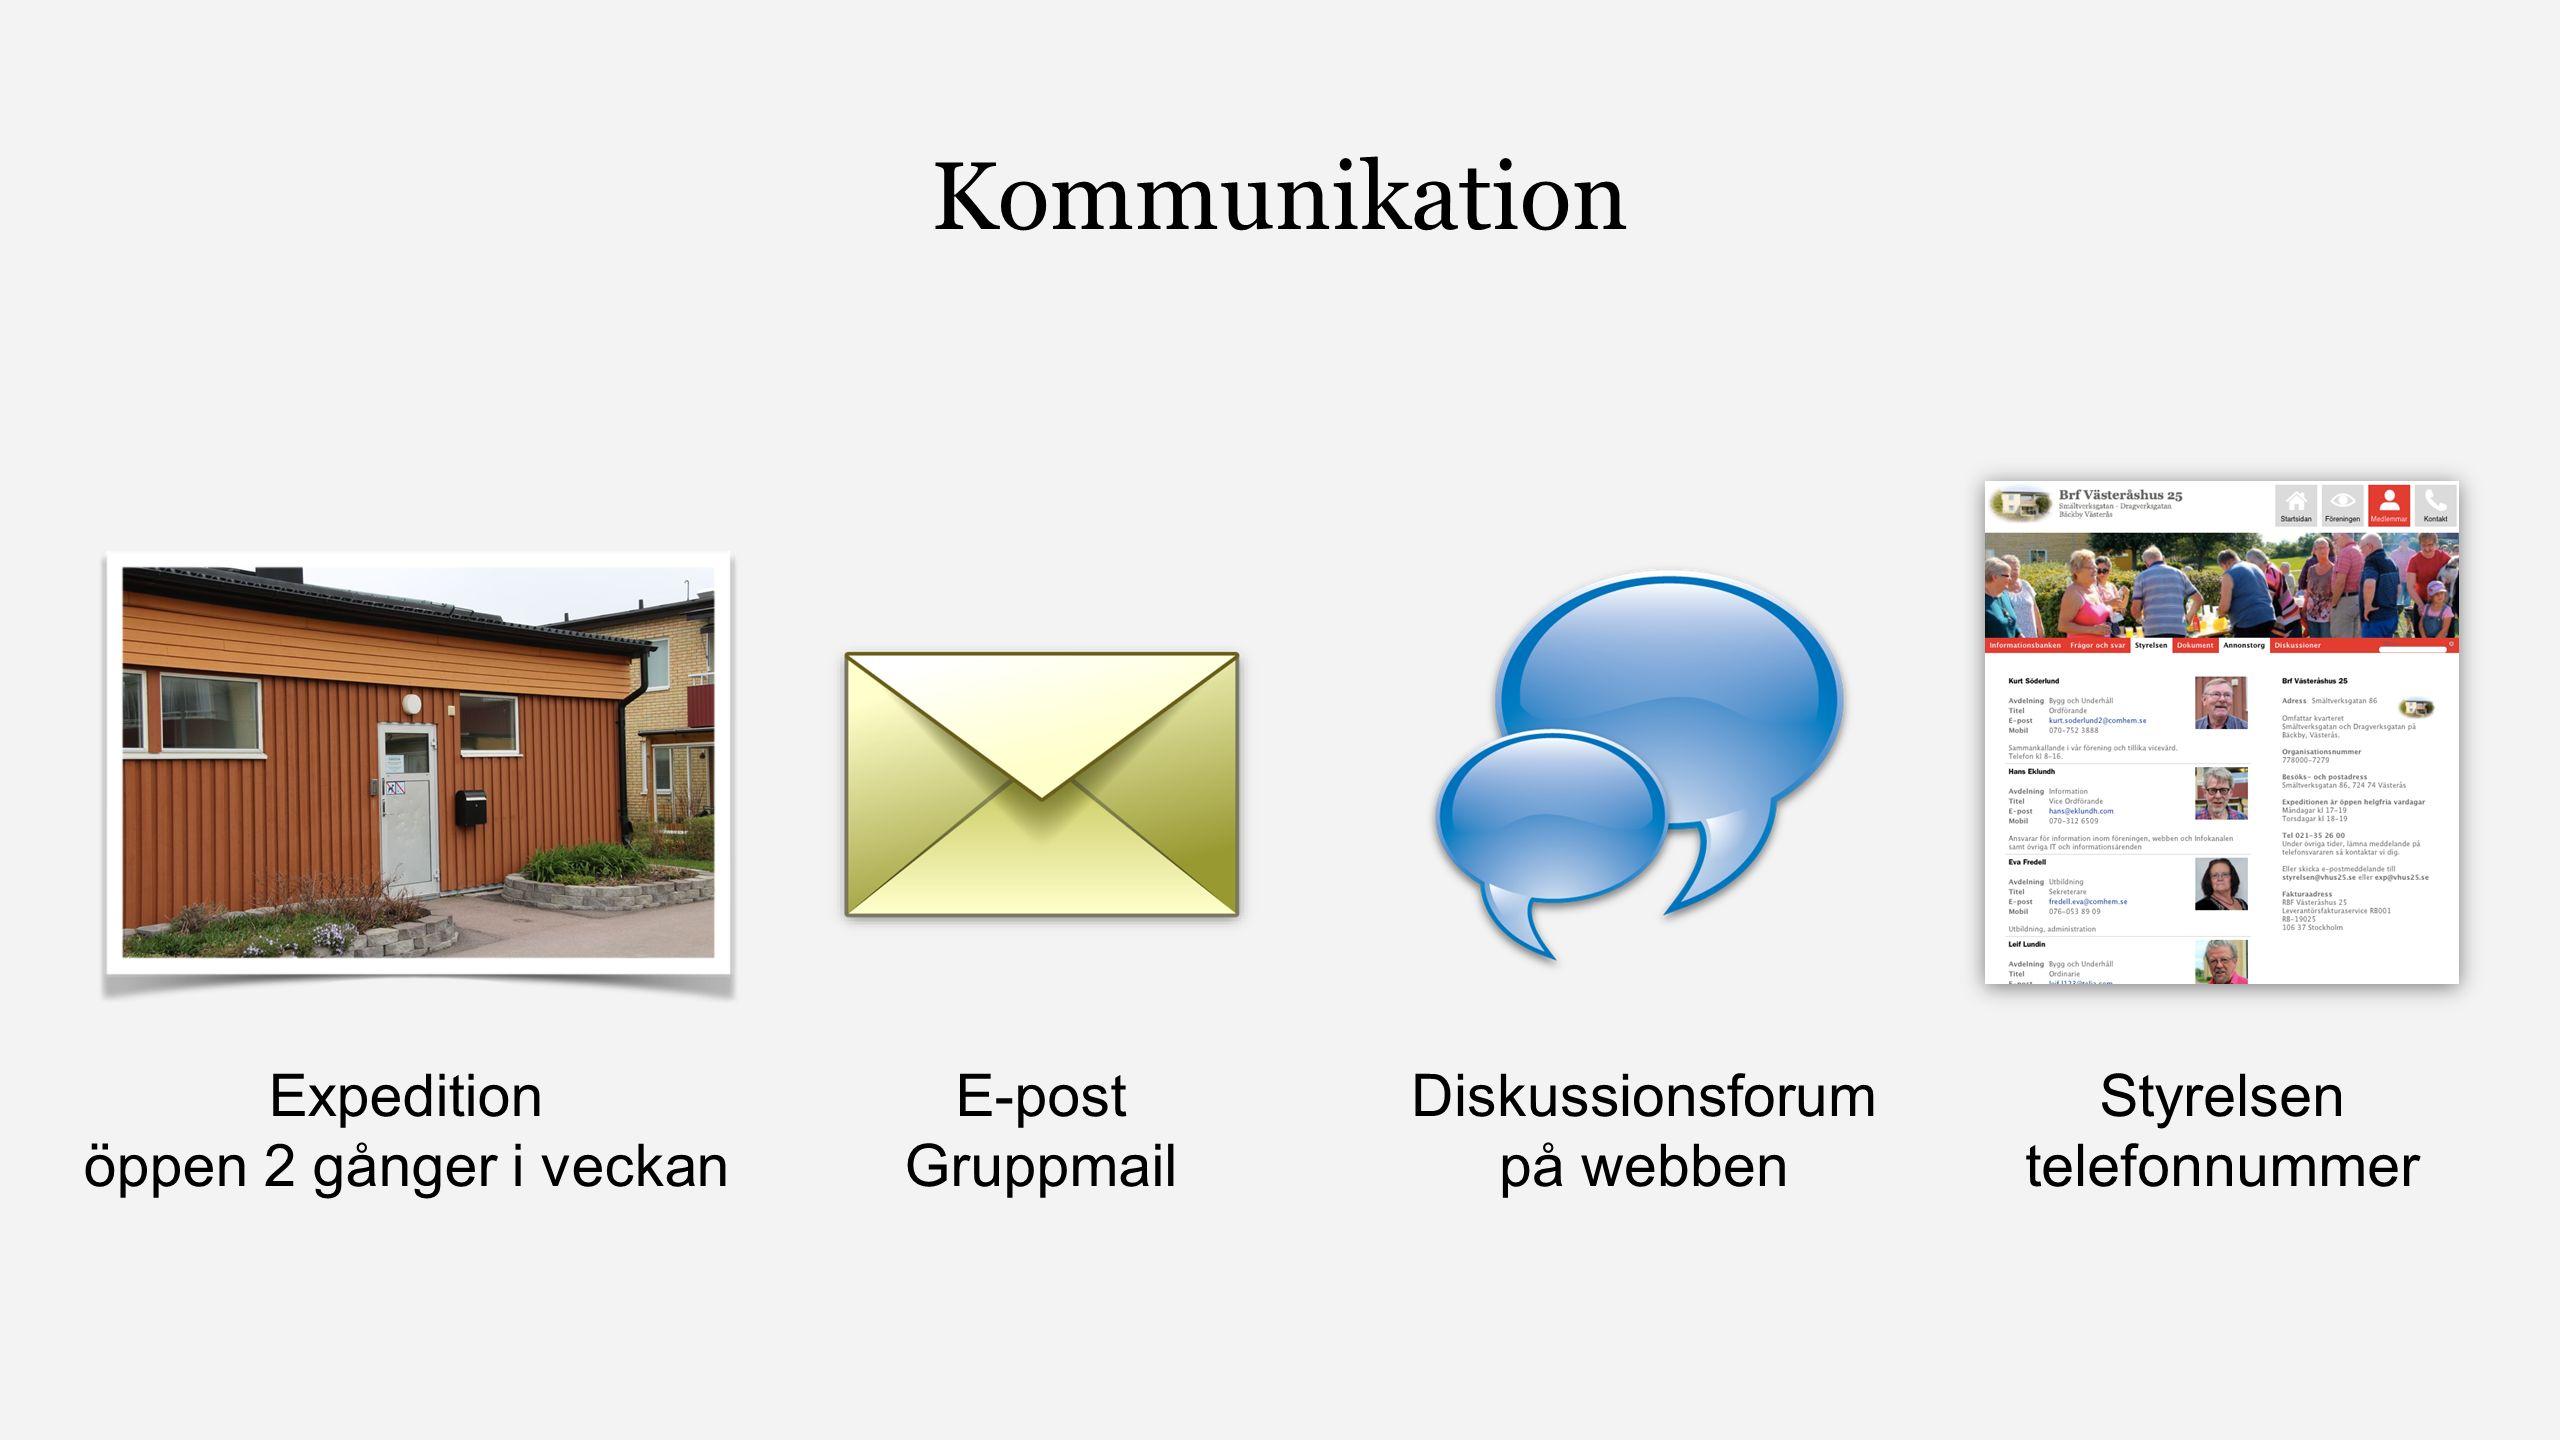 Kommunikation Expedition öppen 2 gånger i veckan E-post Gruppmail Diskussionsforum på webben Styrelsen telefonnummer